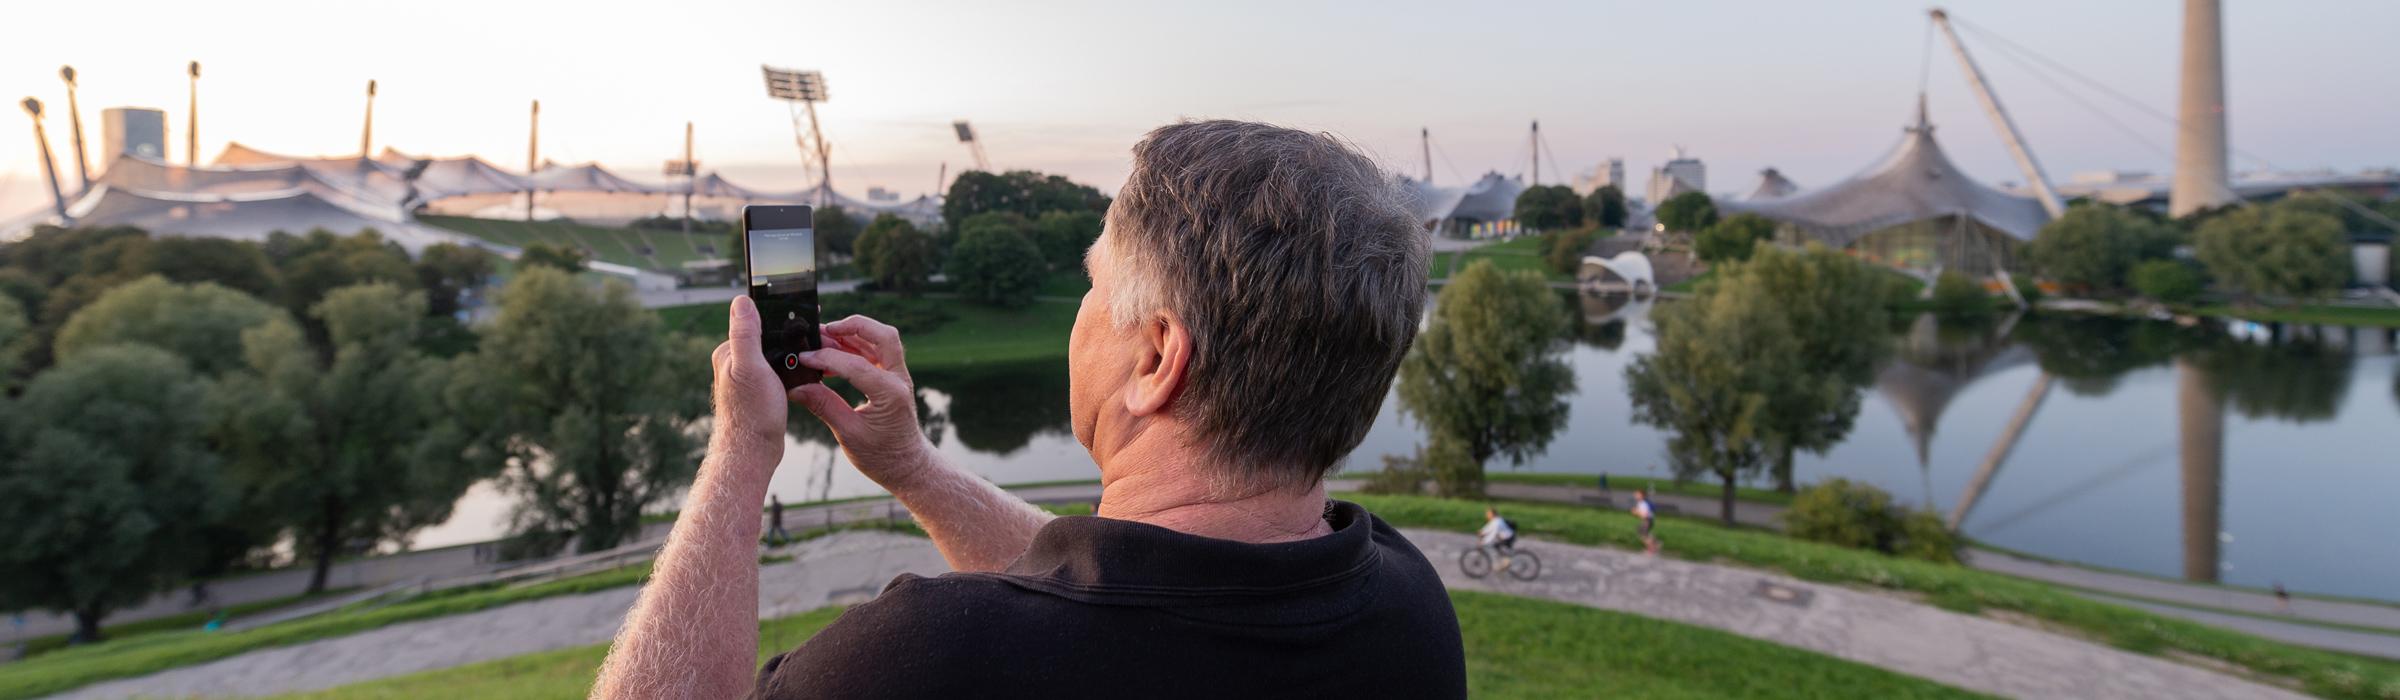 Handyfotografie - Stadtwanderung Olympiapark